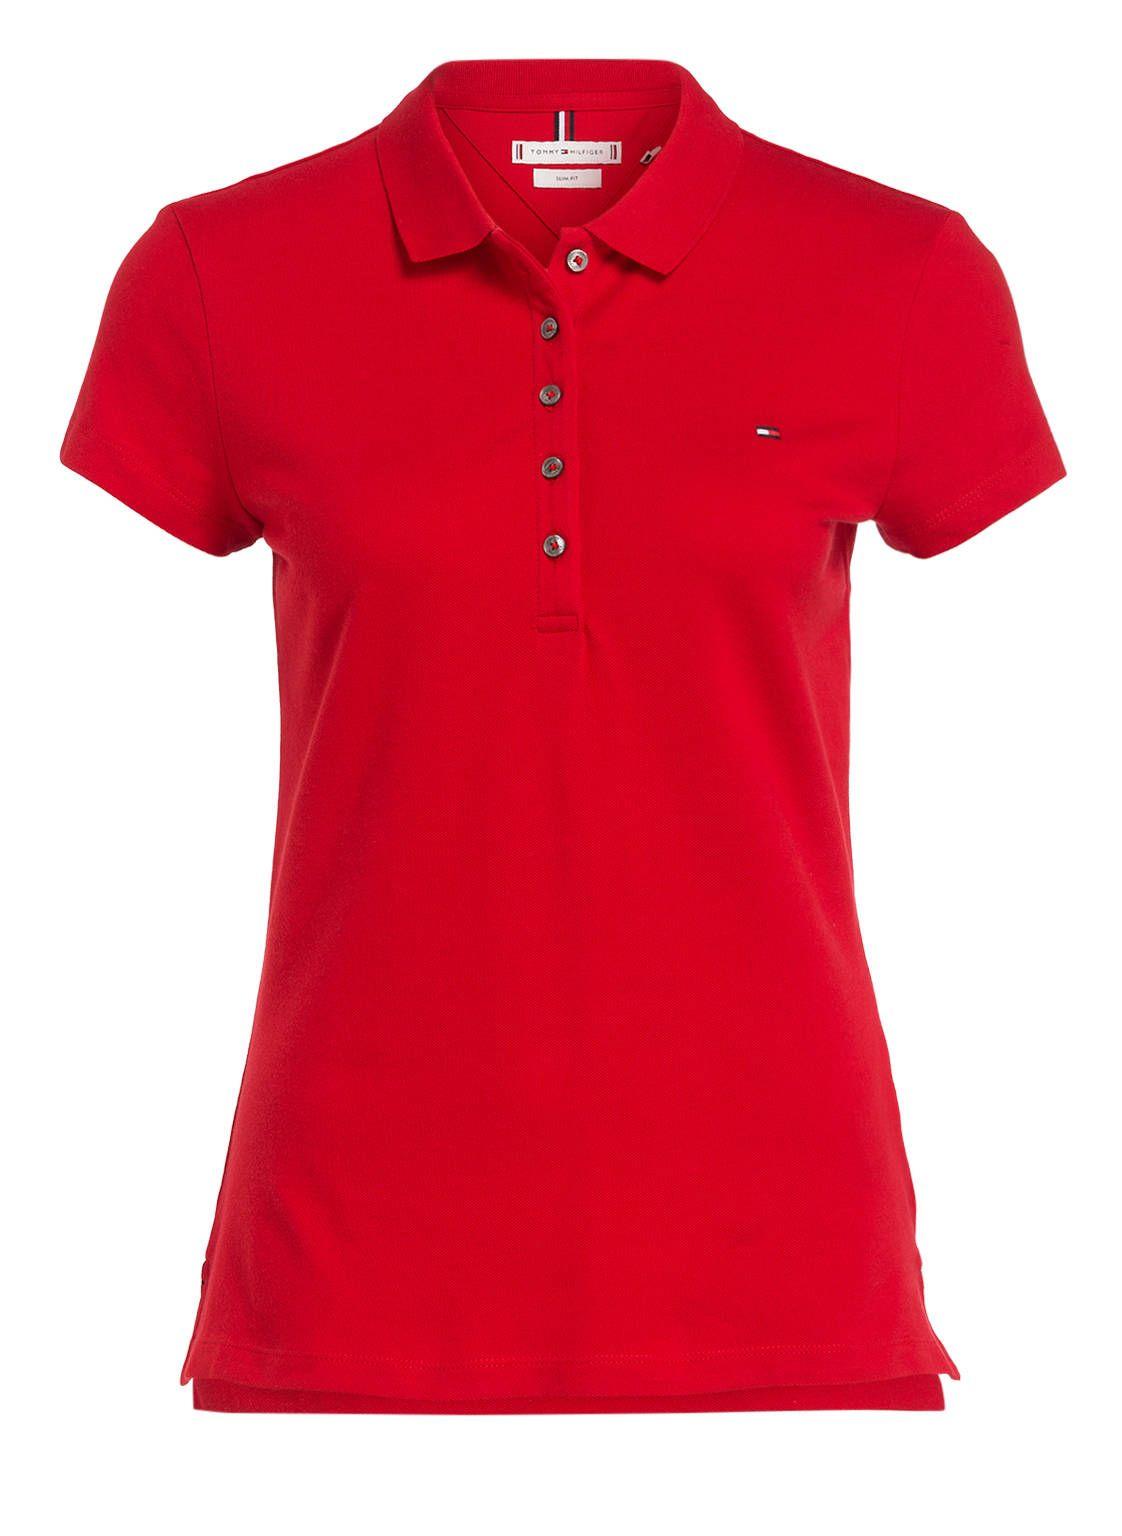 Piqué-Poloshirt NEW CHIARA von TOMMY HILFIGER bei Breuninger kaufen